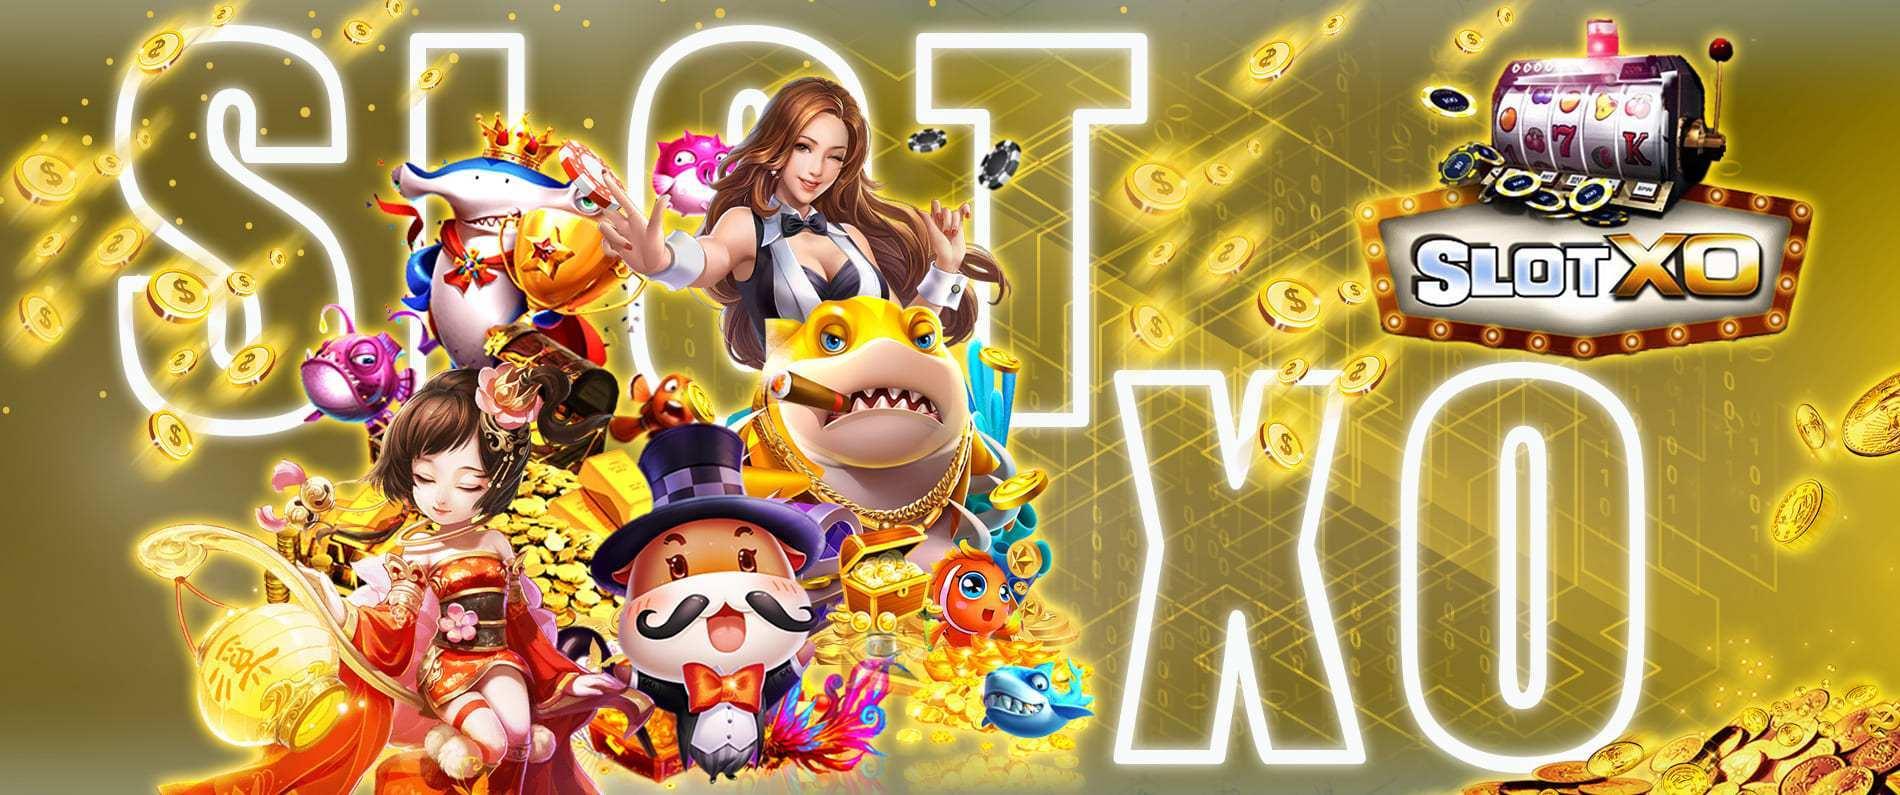 slot-xo-Slotxo-vip 6